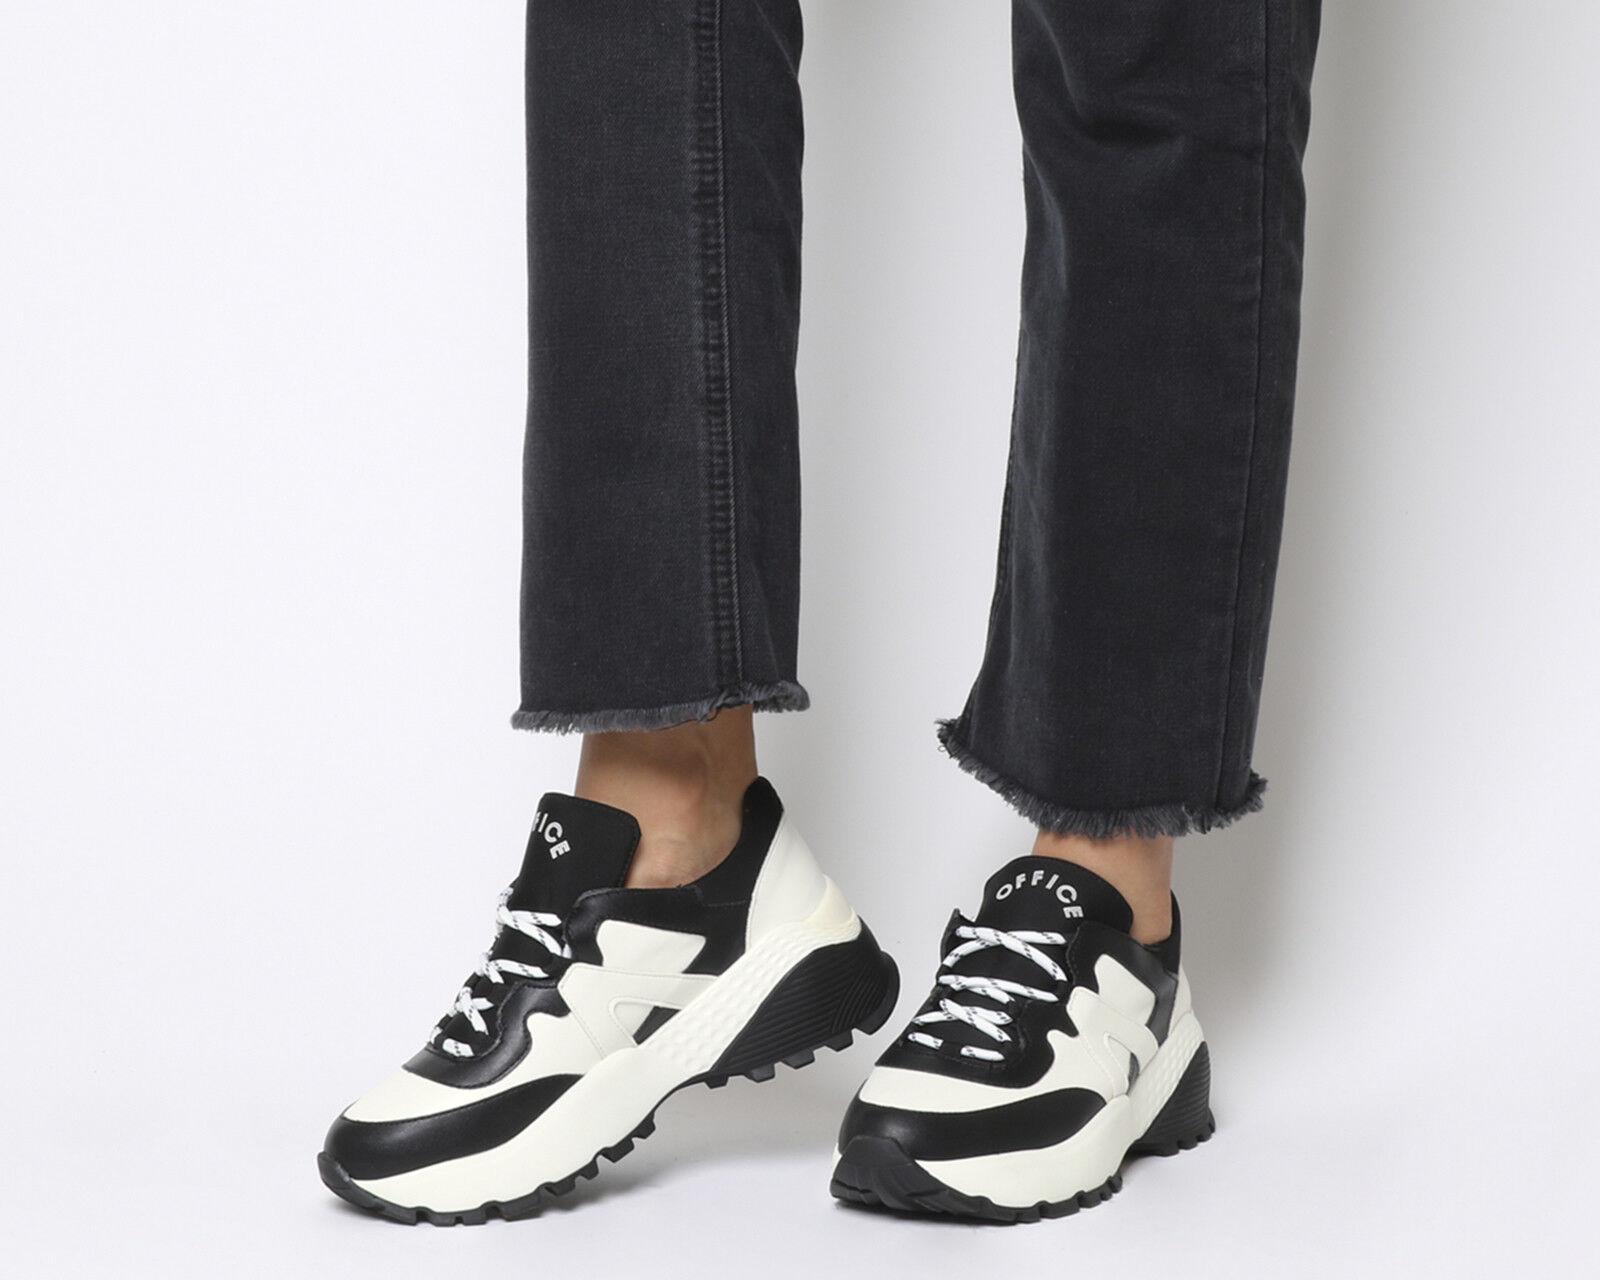 Damenschuhe Office Freestyler Hiker Lace Ups Weiß AND BLACK Flats